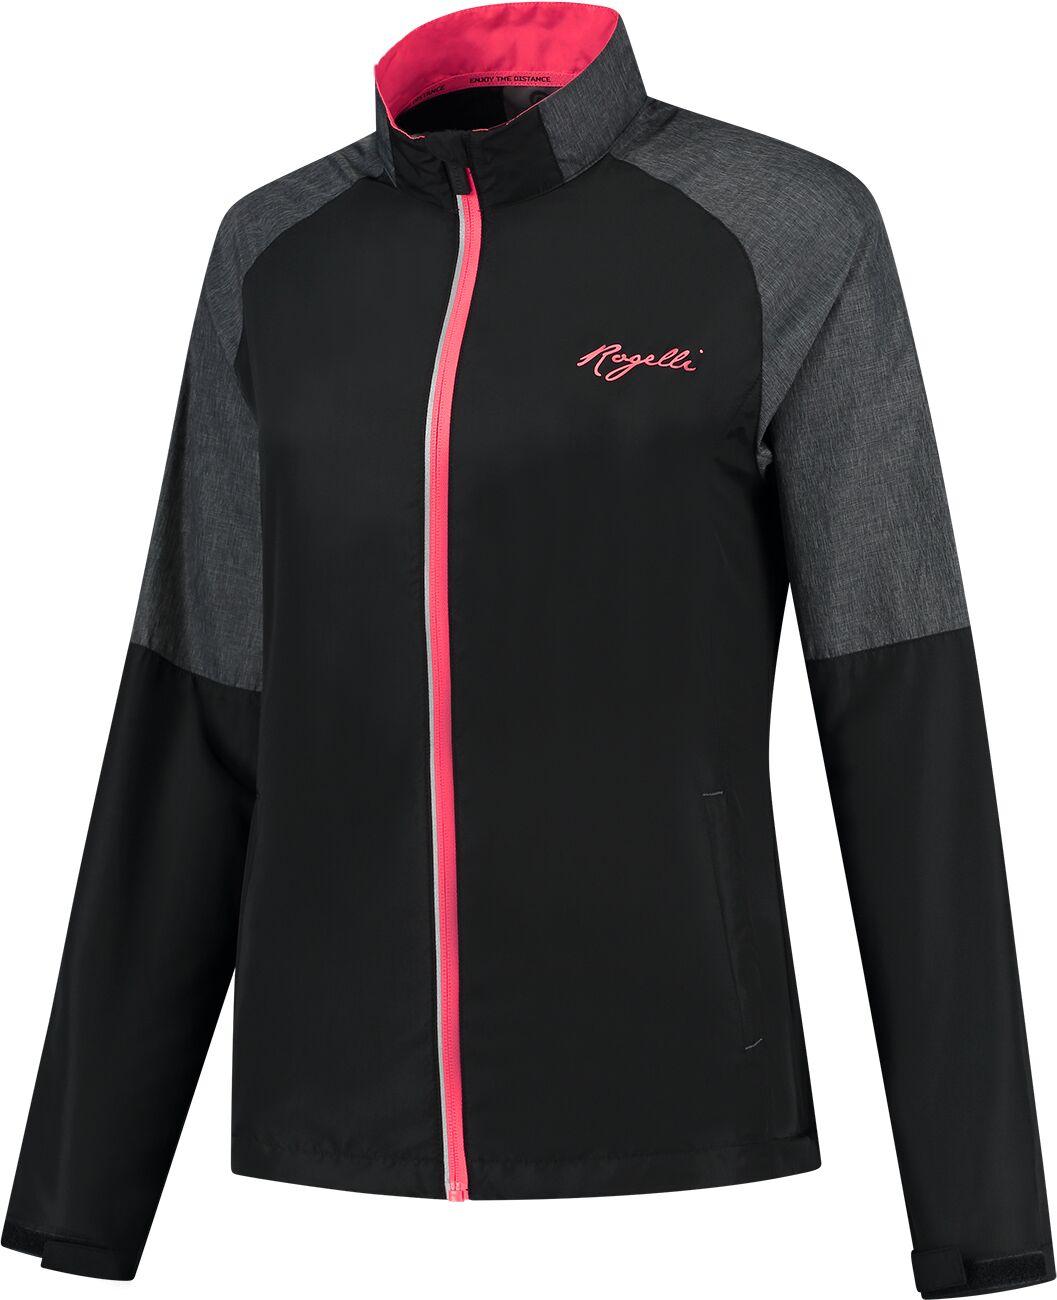 ROGELLI damska kurtka do biegania ENJOY black ROG351112 Rozmiar: S,ROG351112.XS